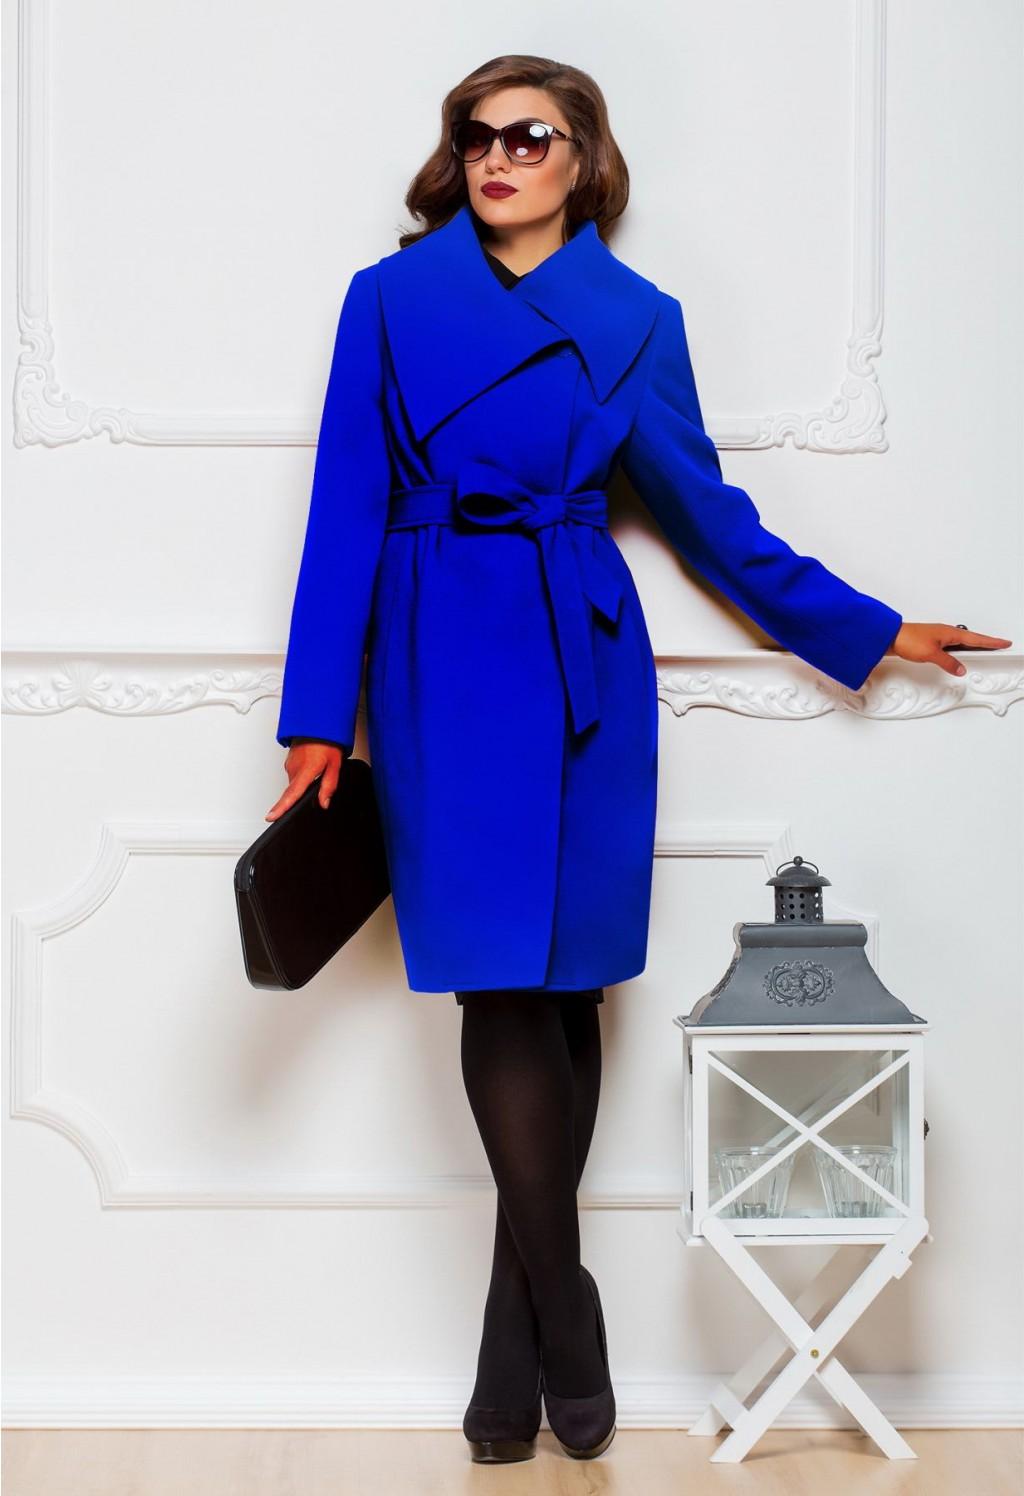 Сбор заказов. Пора утепляться. Большой выбор белорусской верхней женской одежды. Размерный ряд с 42 по 68 размеры. Собираем всего неделю - раздачи уже в конце сентября!